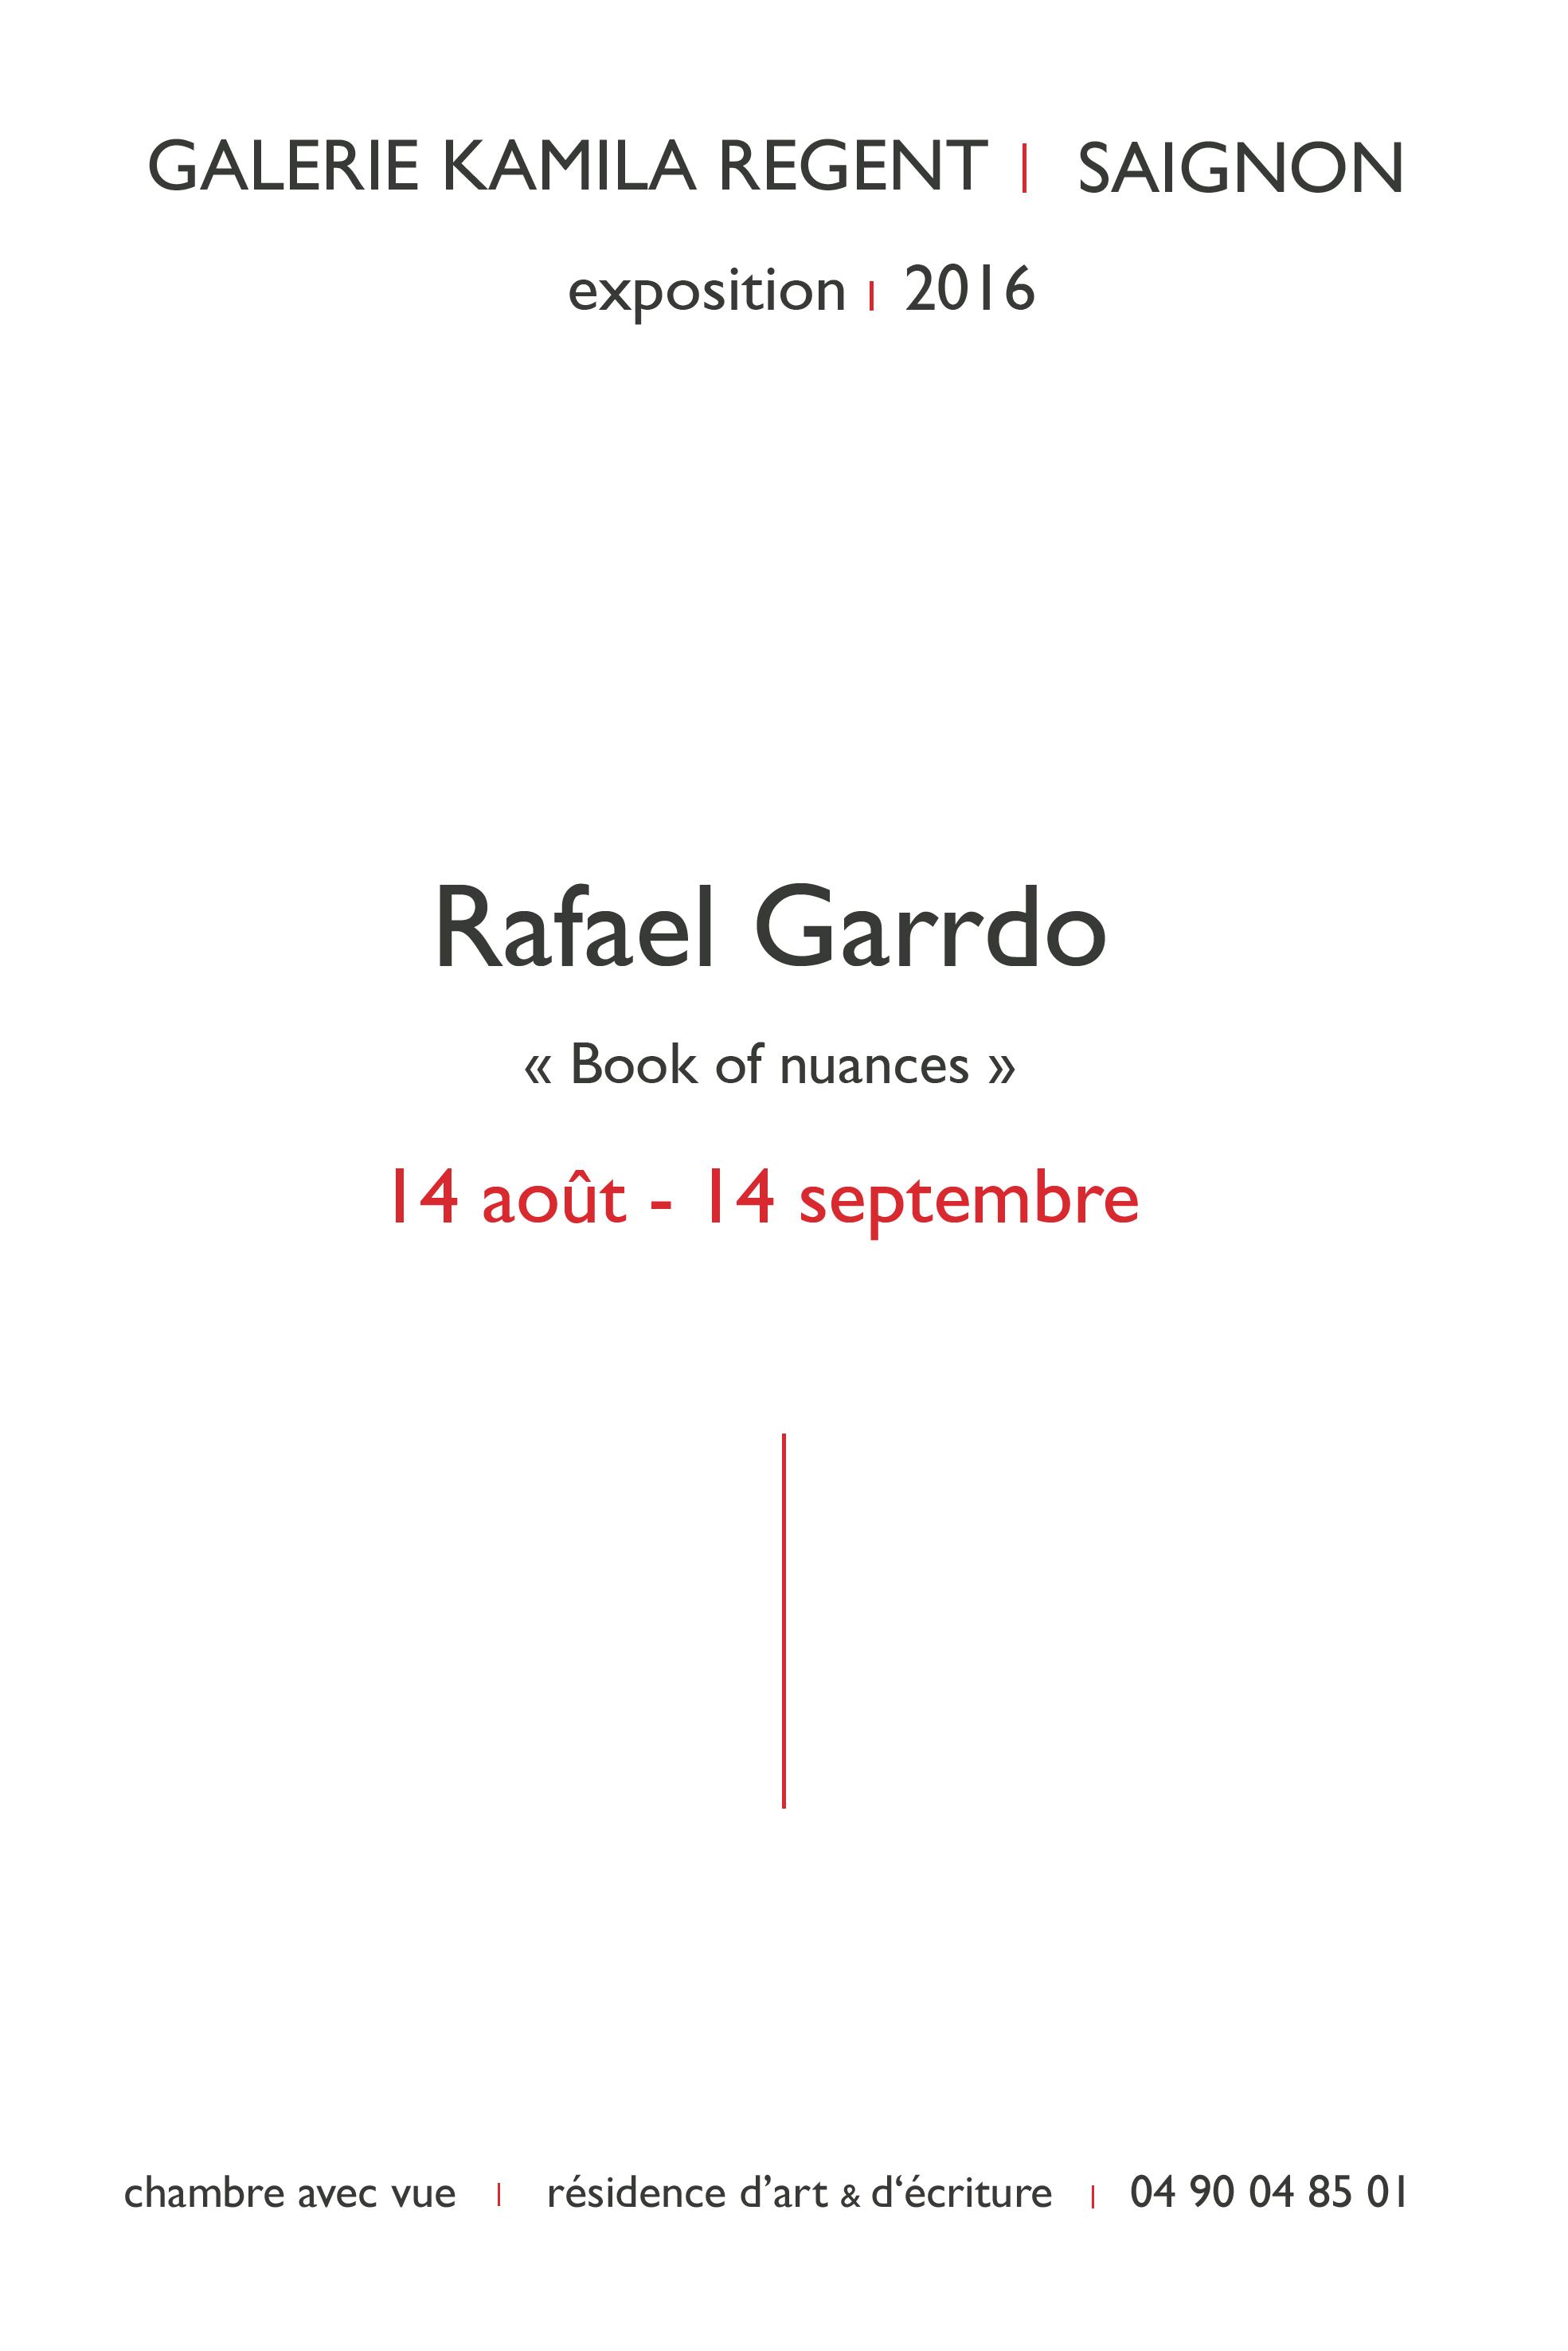 Rafael Garrdo